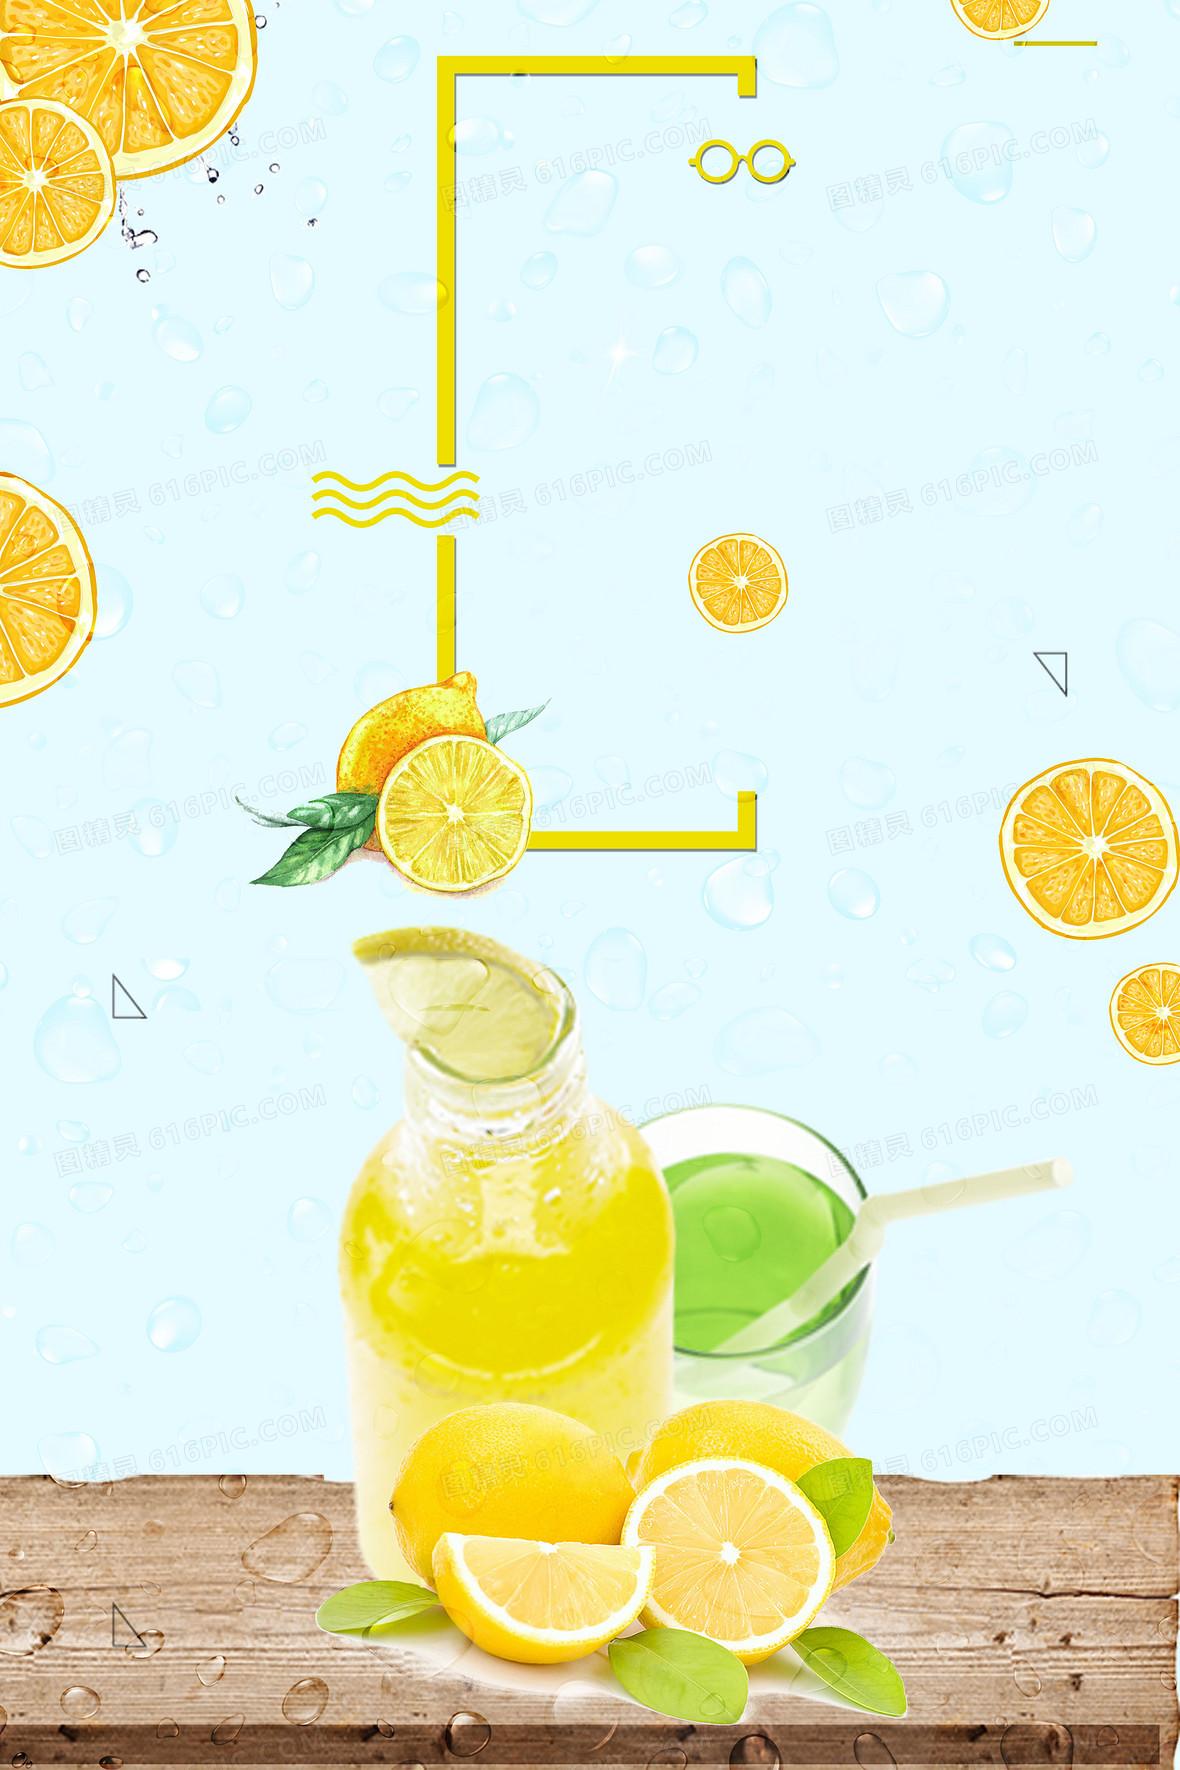 小清新简约夏季饮品果汁背景素材